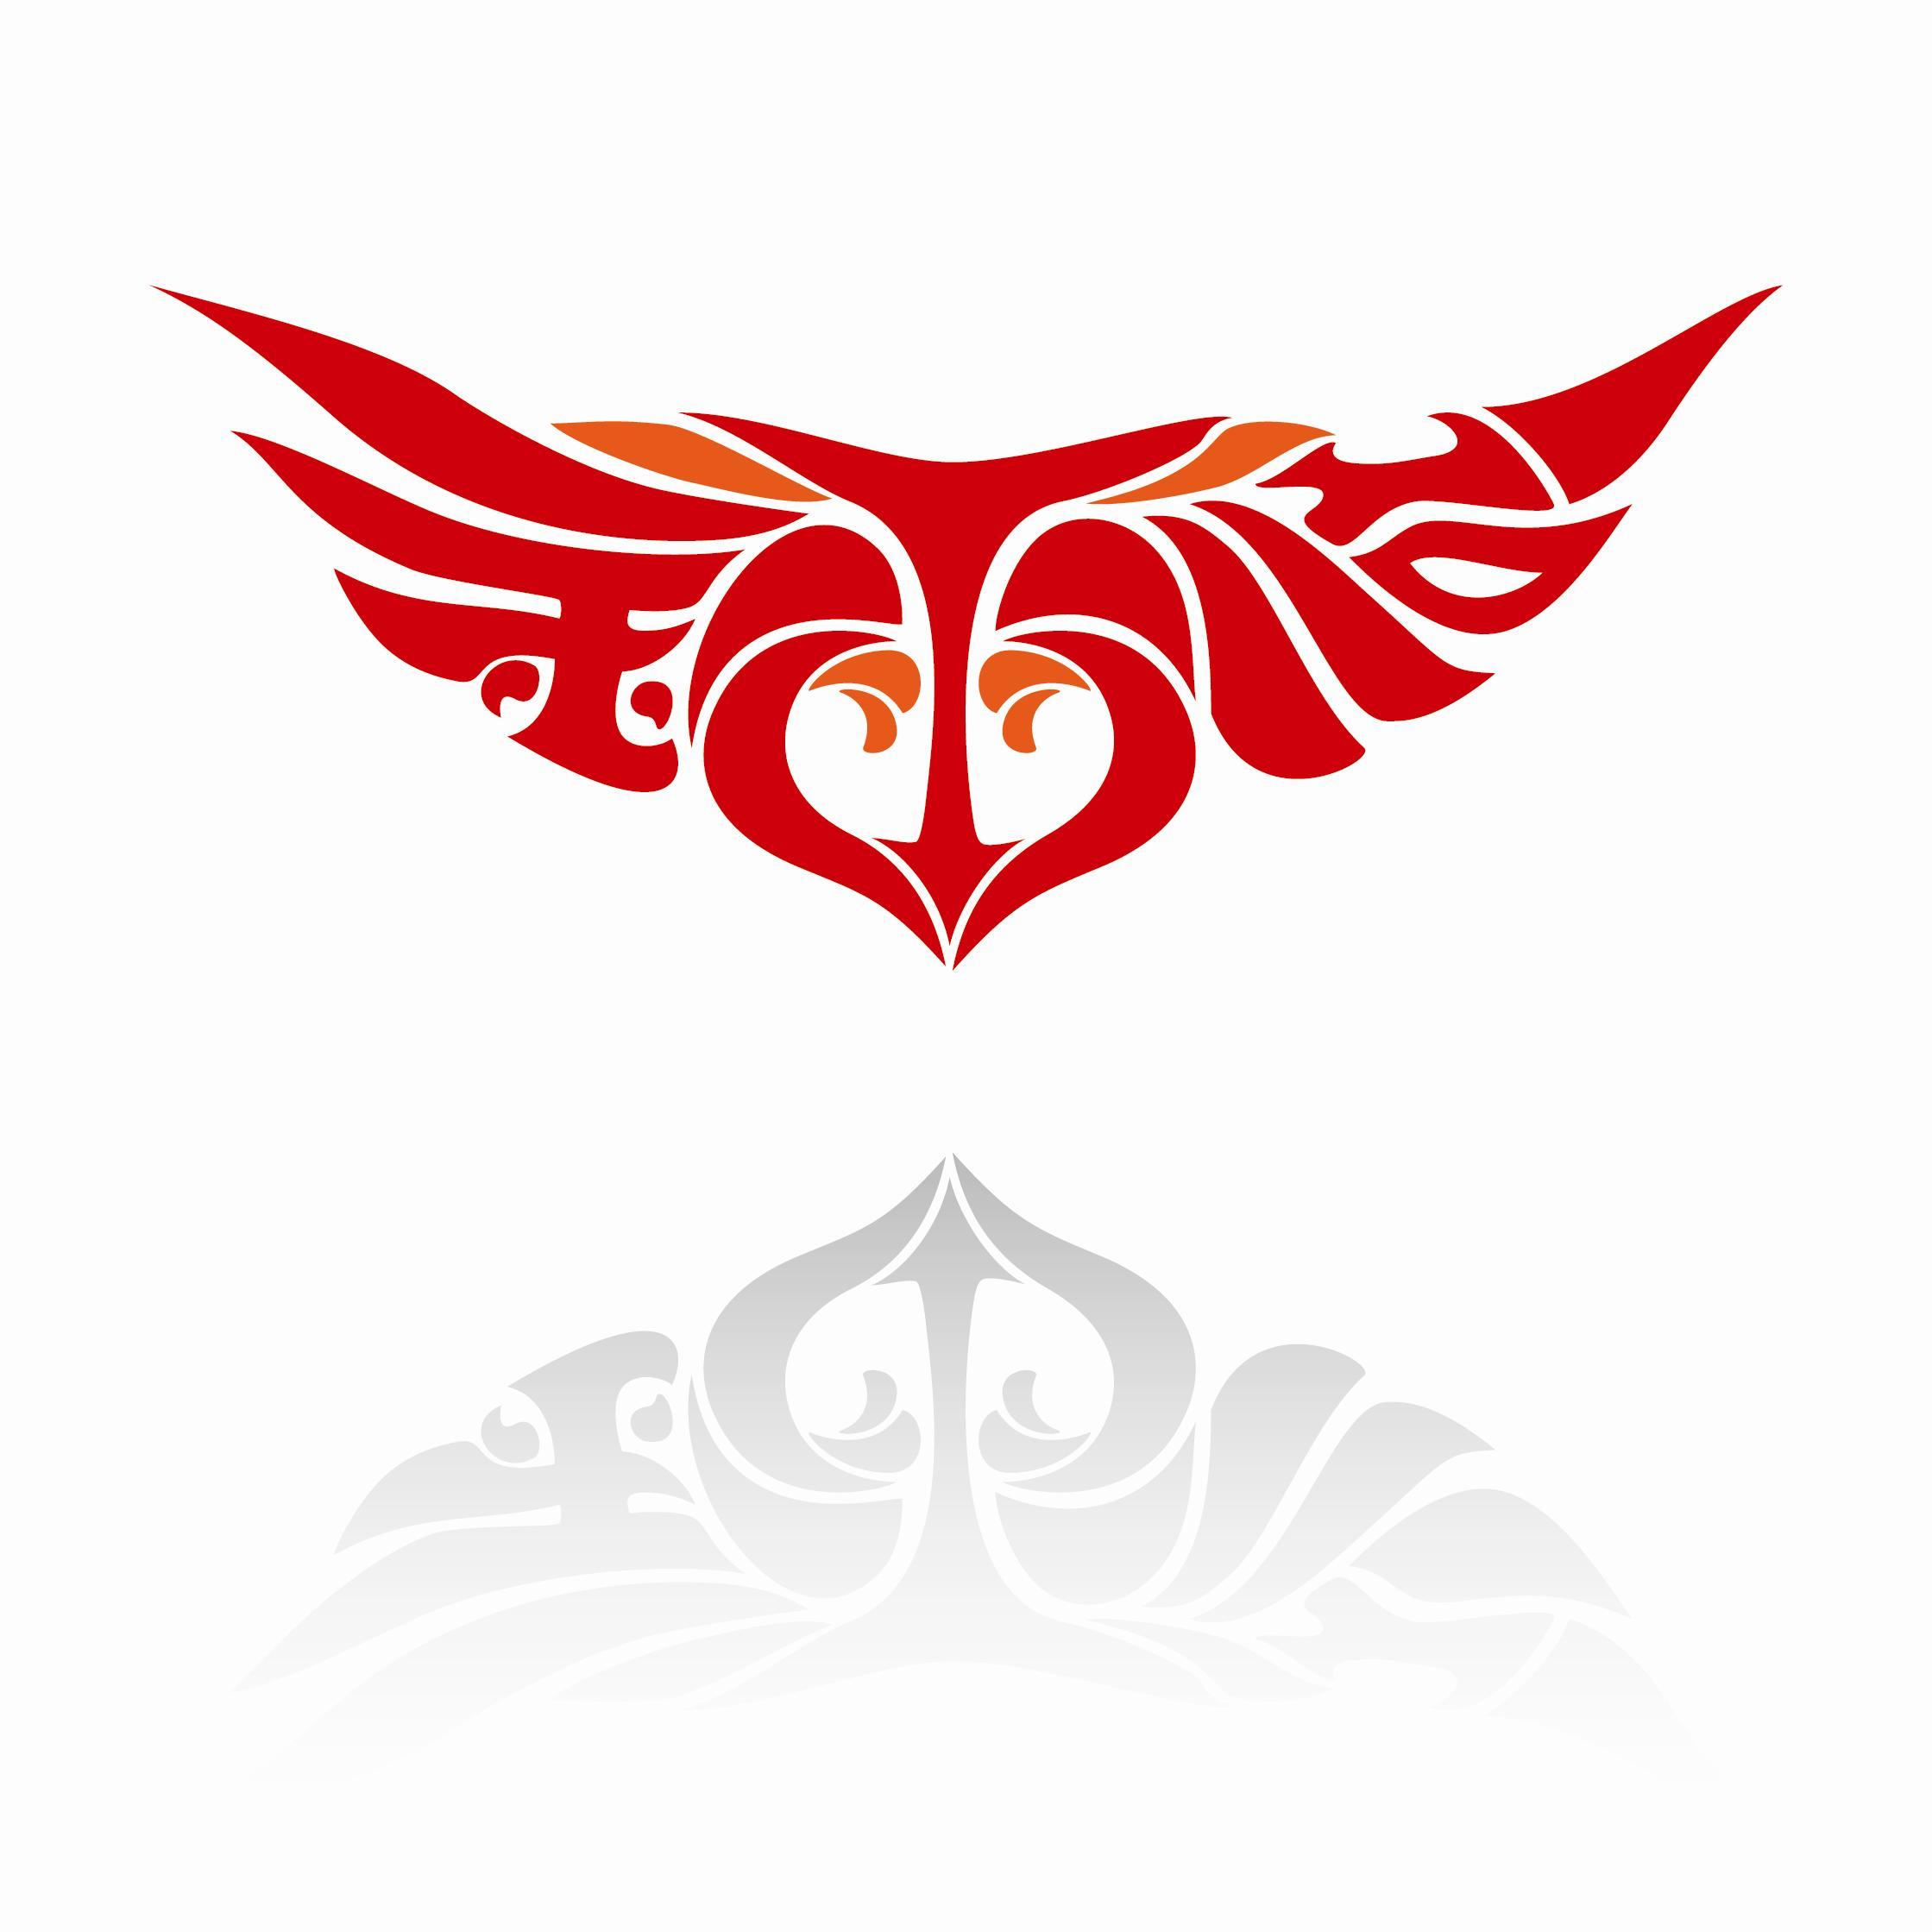 情侣logo - 图形与logo设计 - 猪八戒网国际站